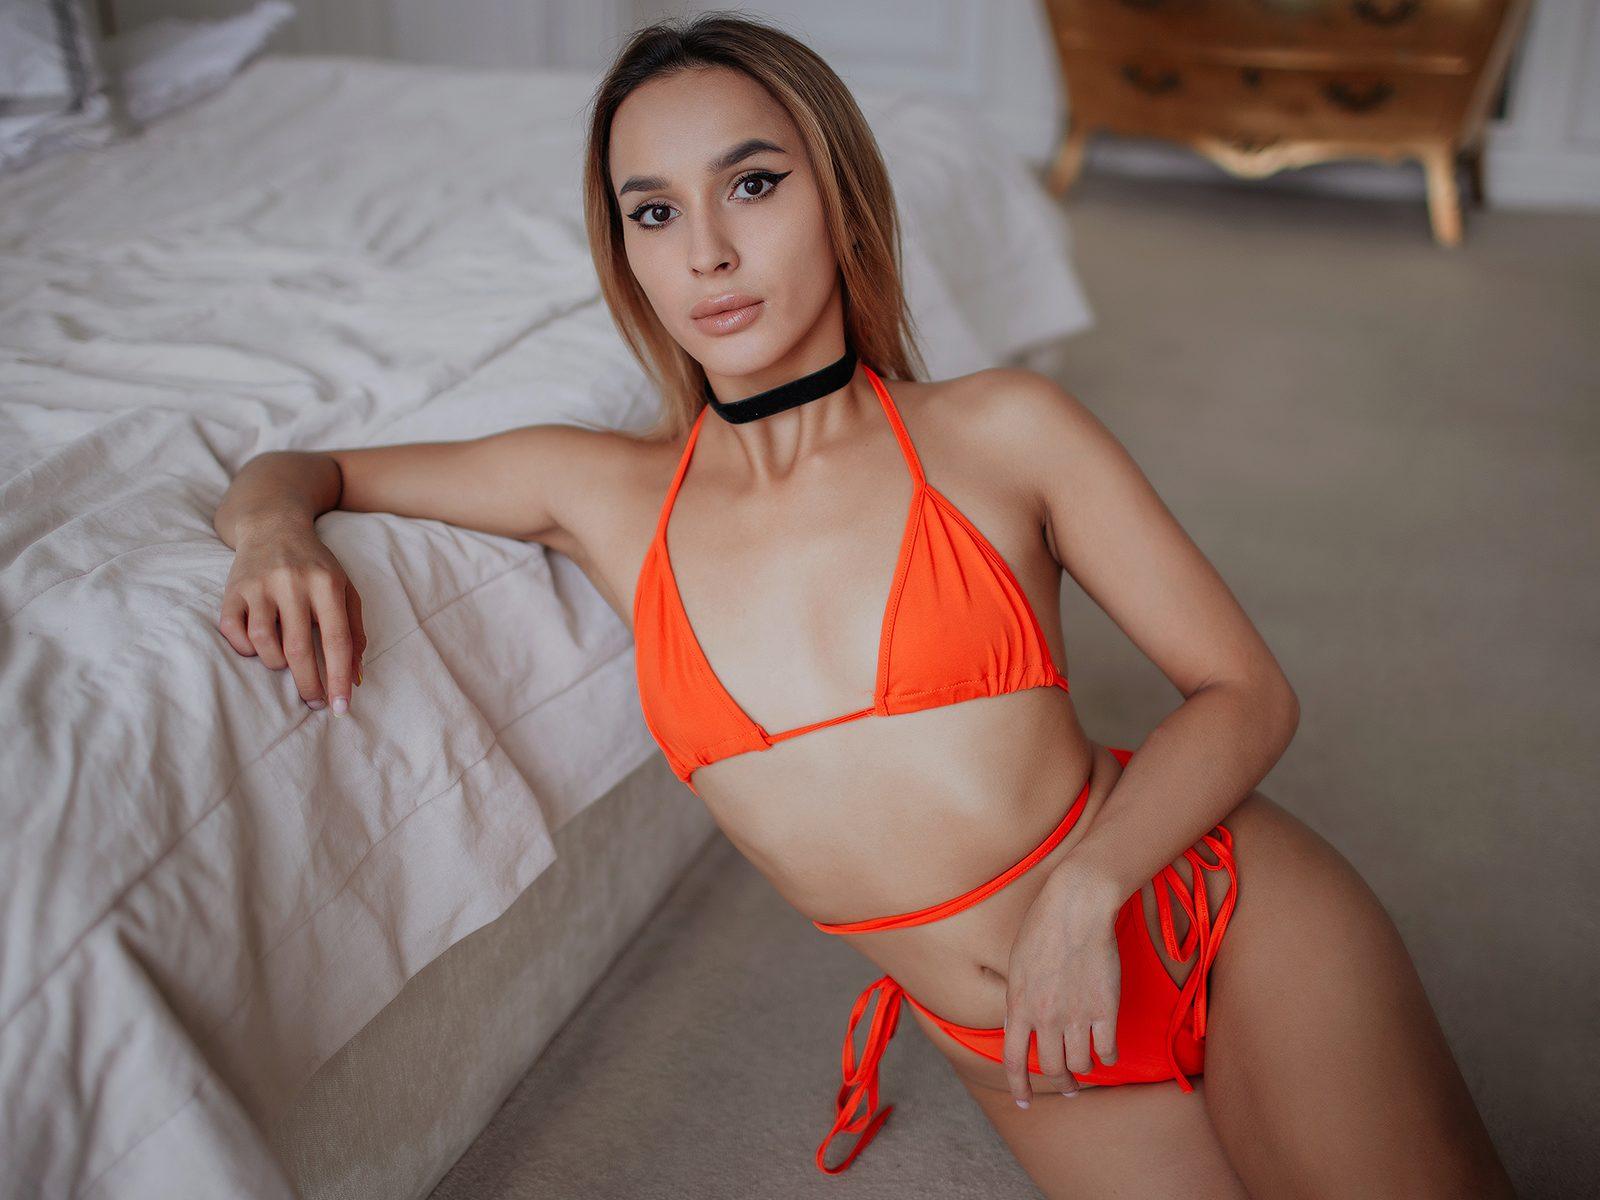 Livecam Sex Show Tits For Cash